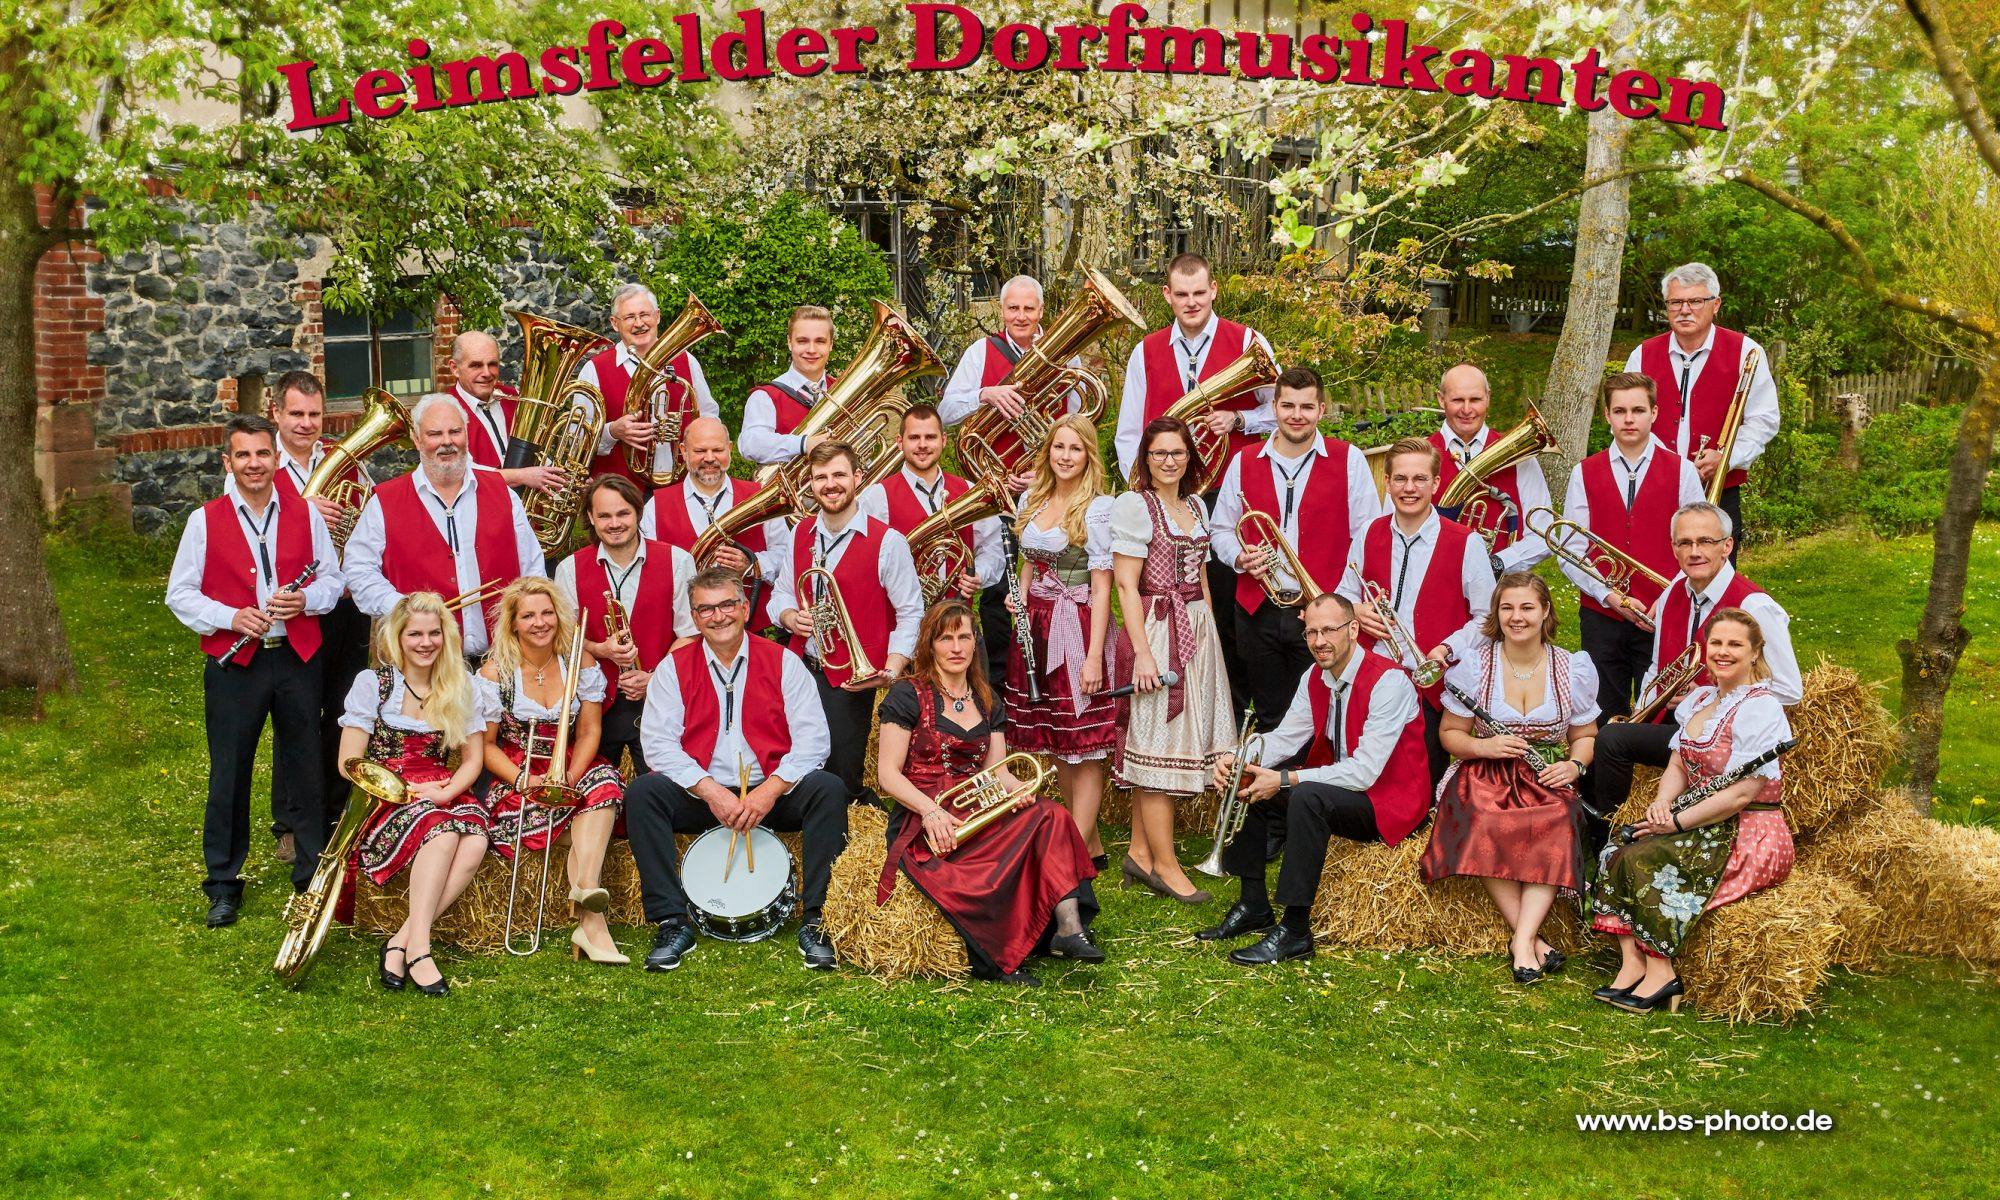 Leimsfelder Dorfmusikanten